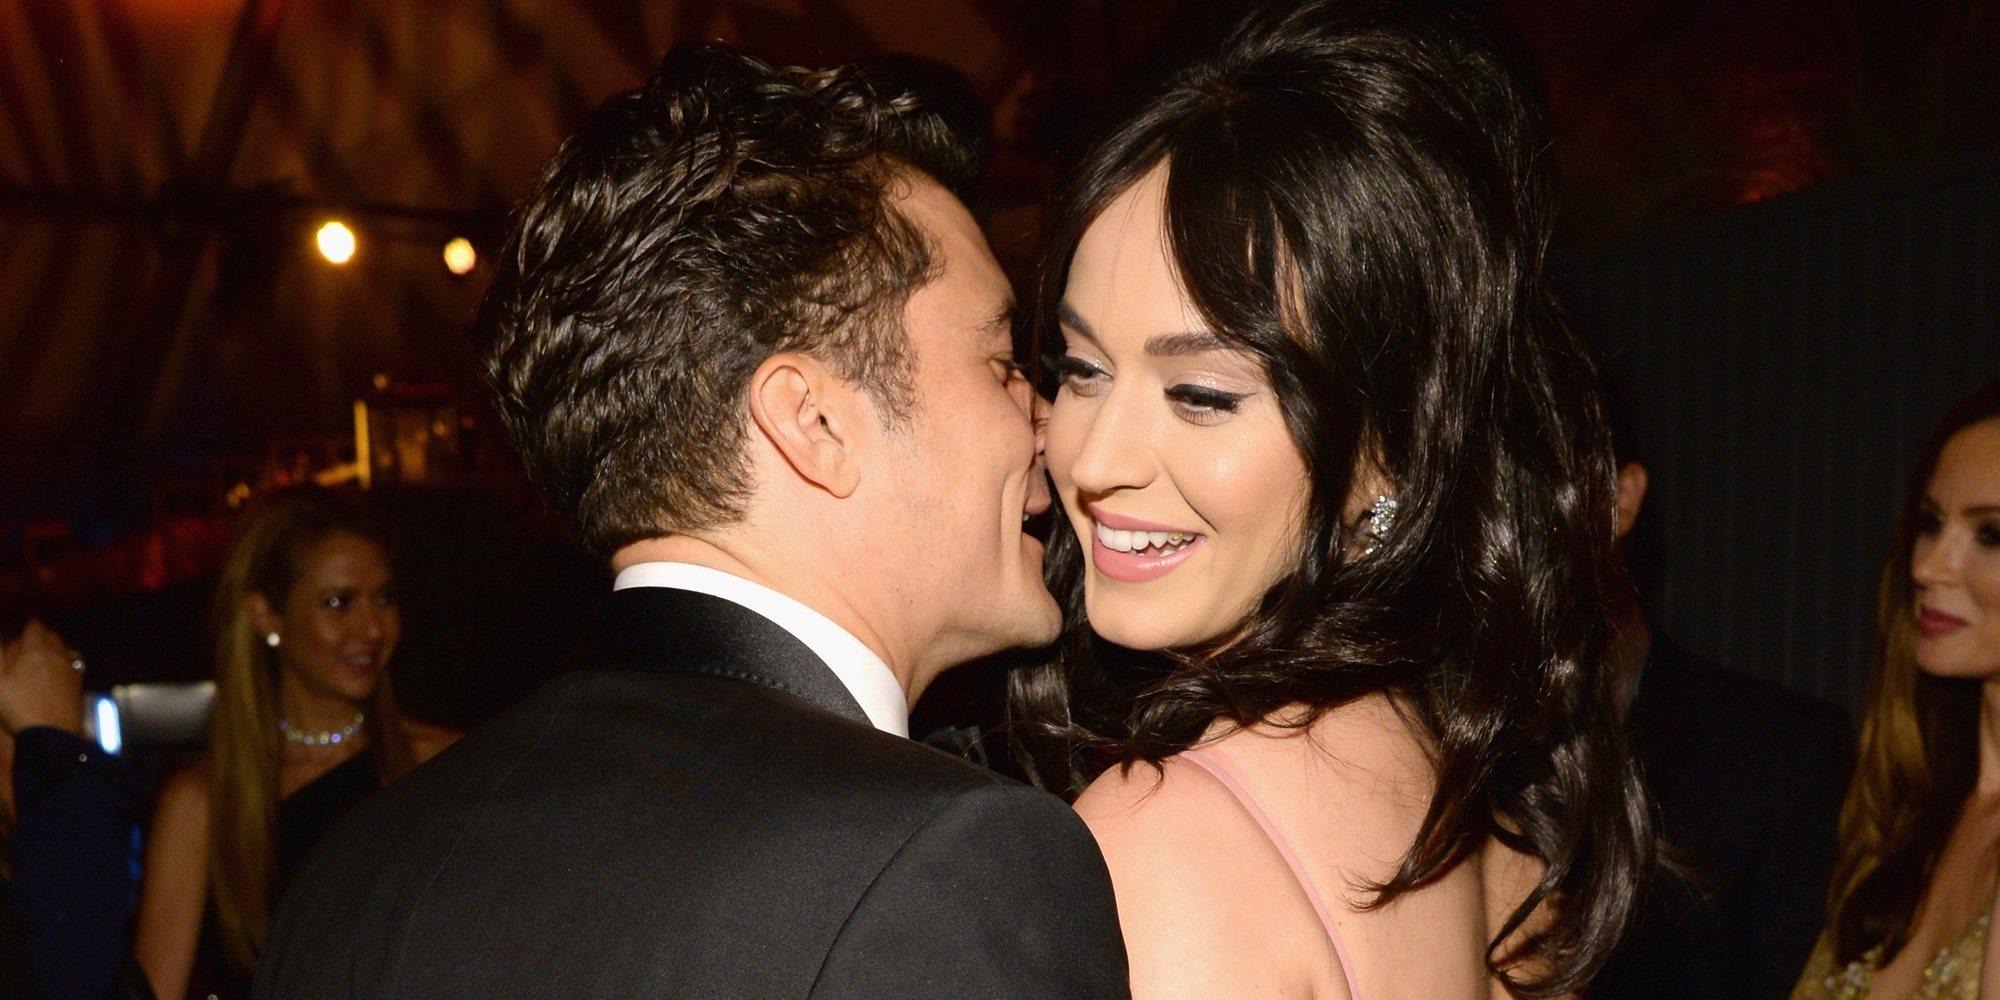 Orlando Bloom podría pedirle matrimonio a Katy Perry